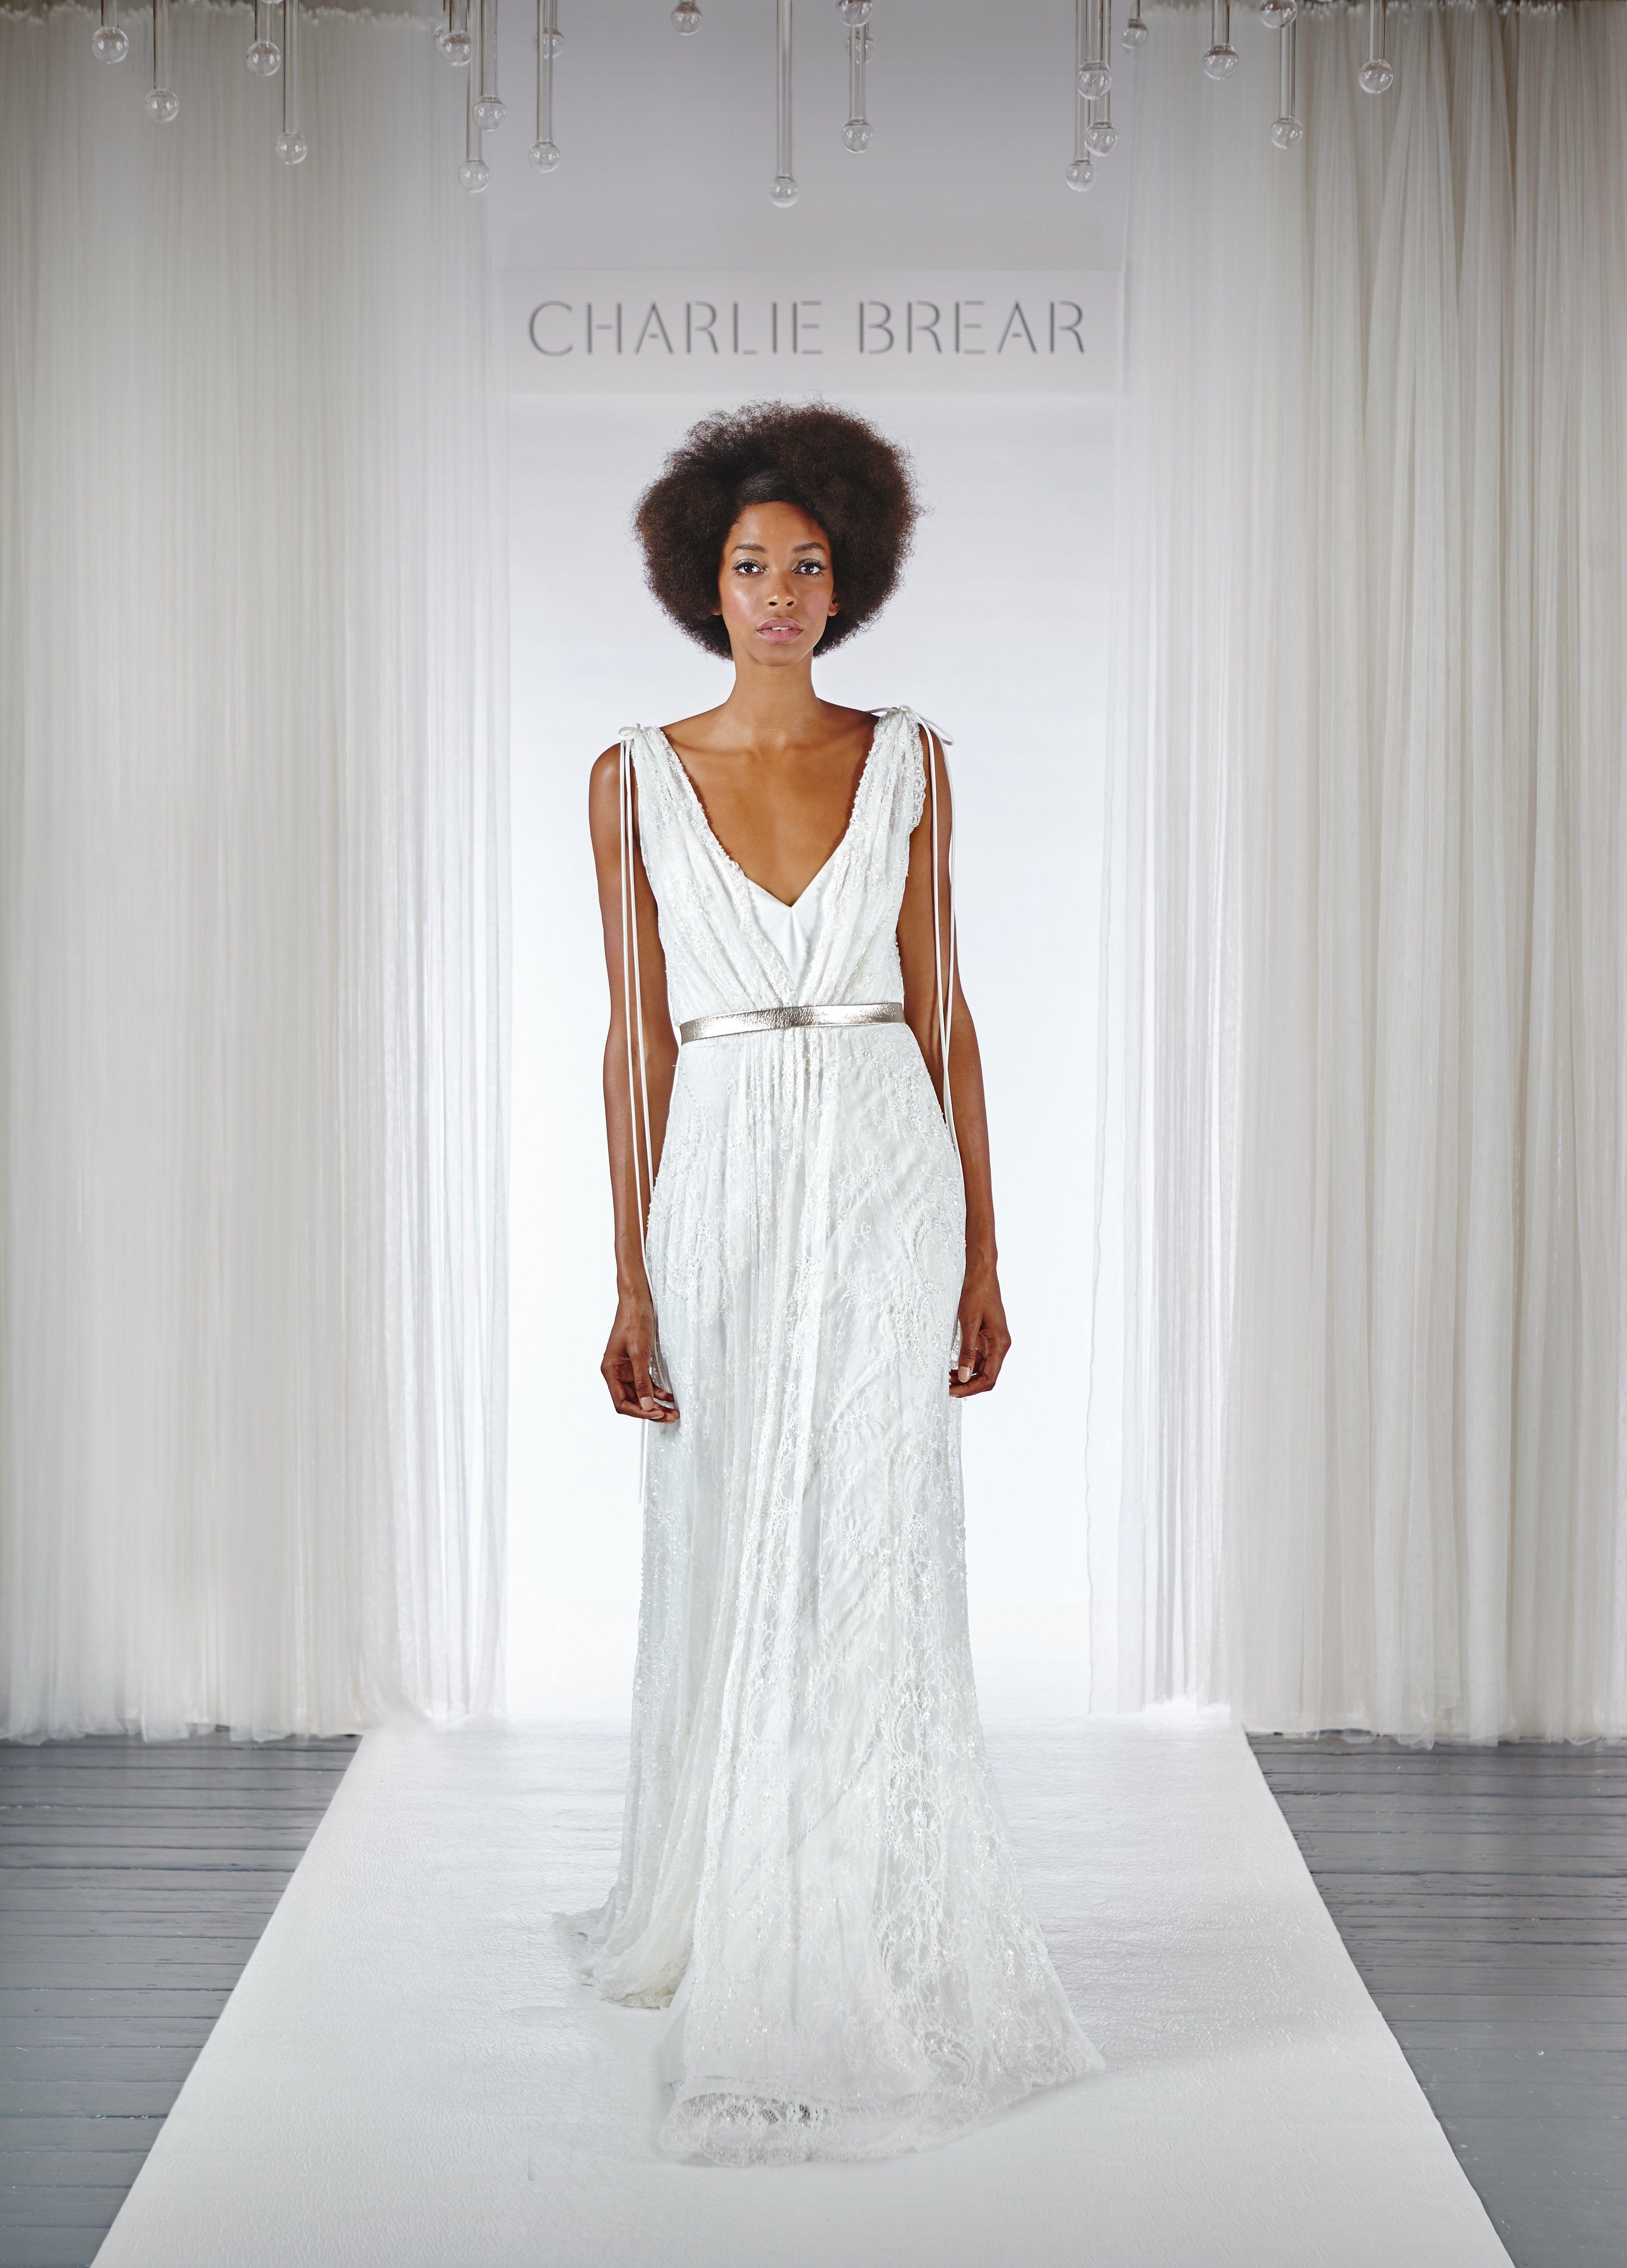 Corette overdress, robe de mariée Charlie Brear à Paris ...